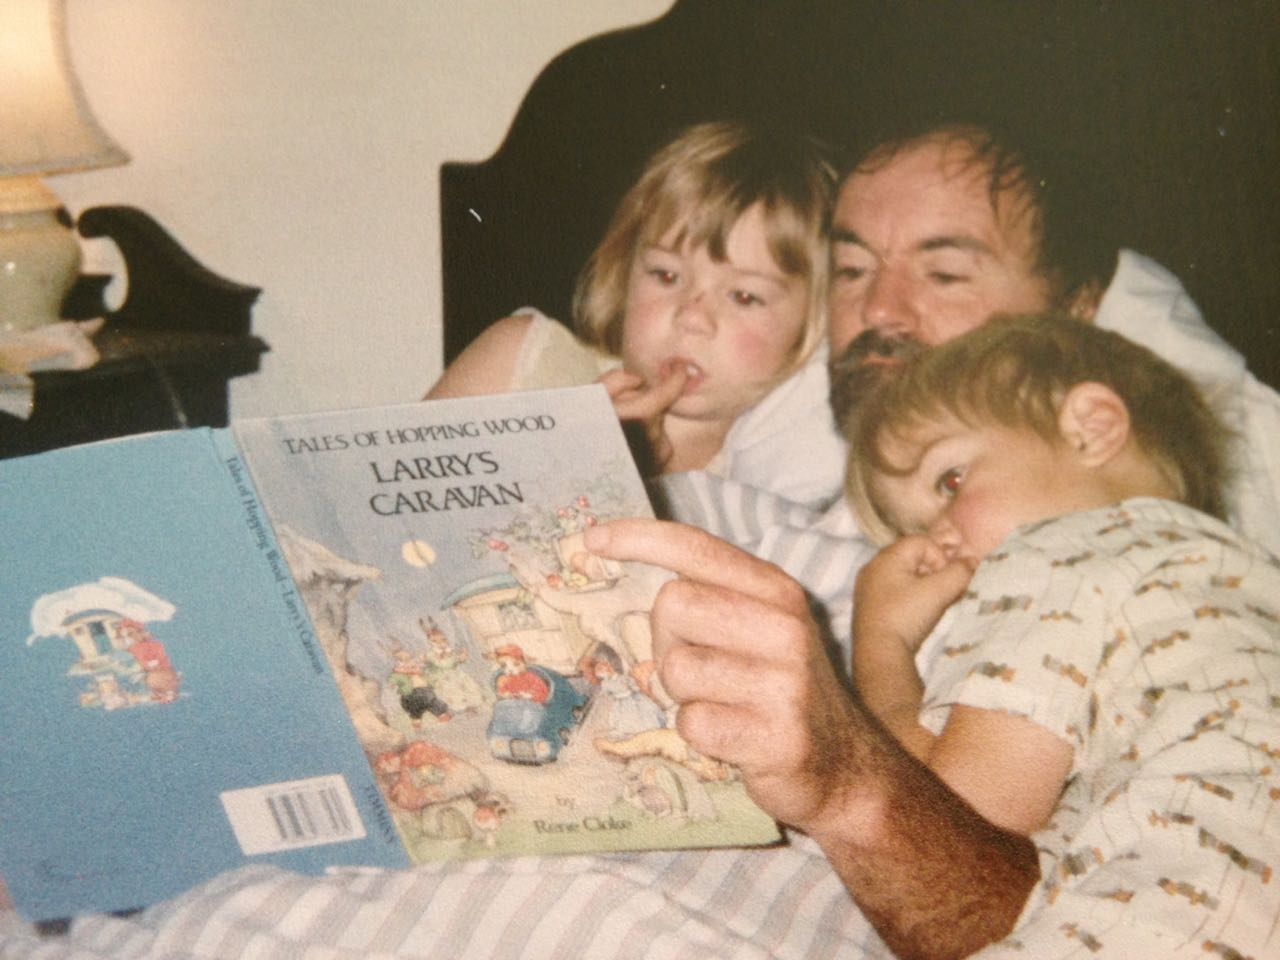 Dad and Larry's Caravan